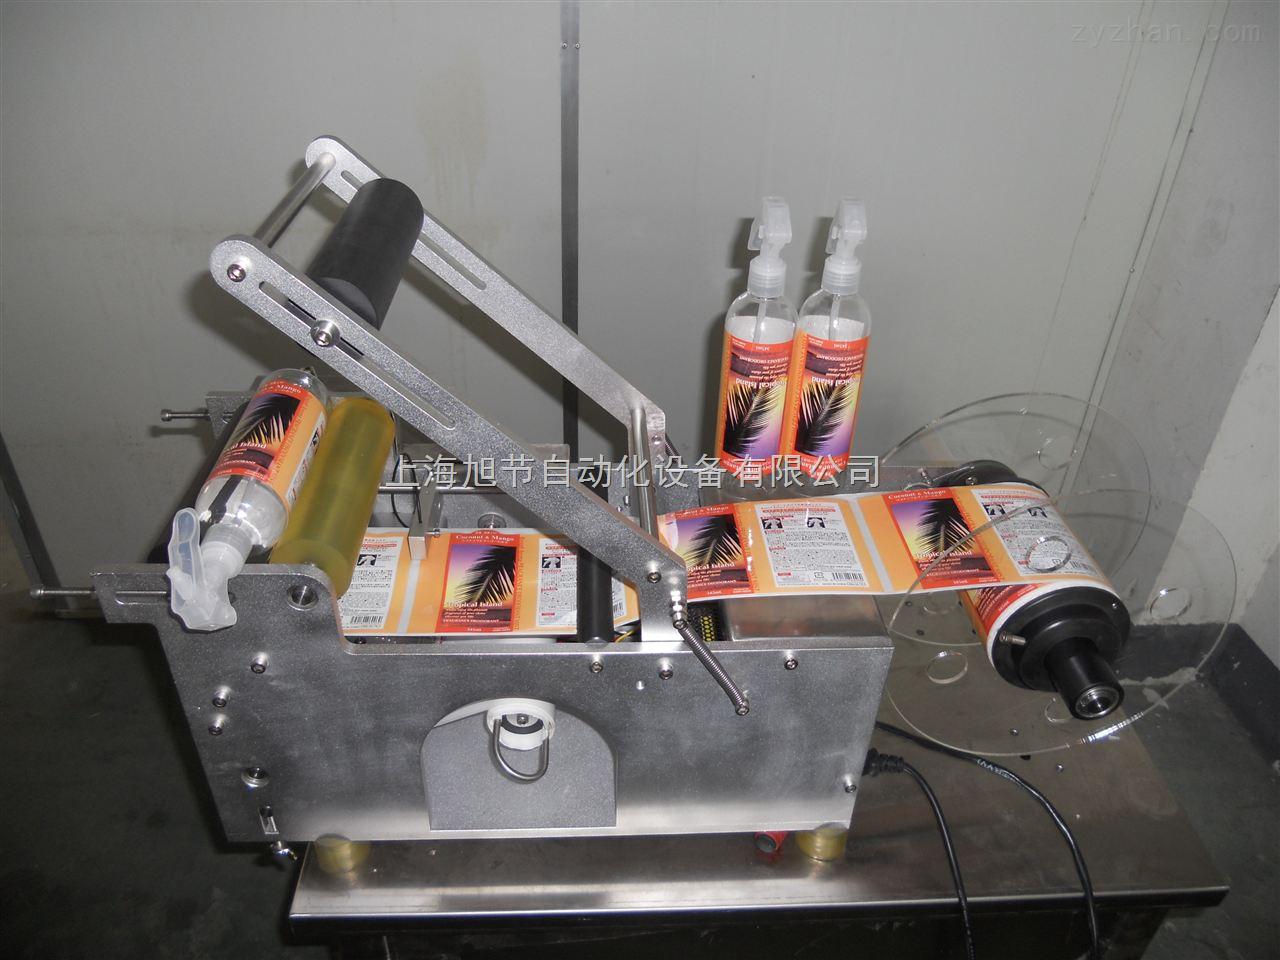 脚踏式圆瓶贴标机 空气清新剂瓶贴标机